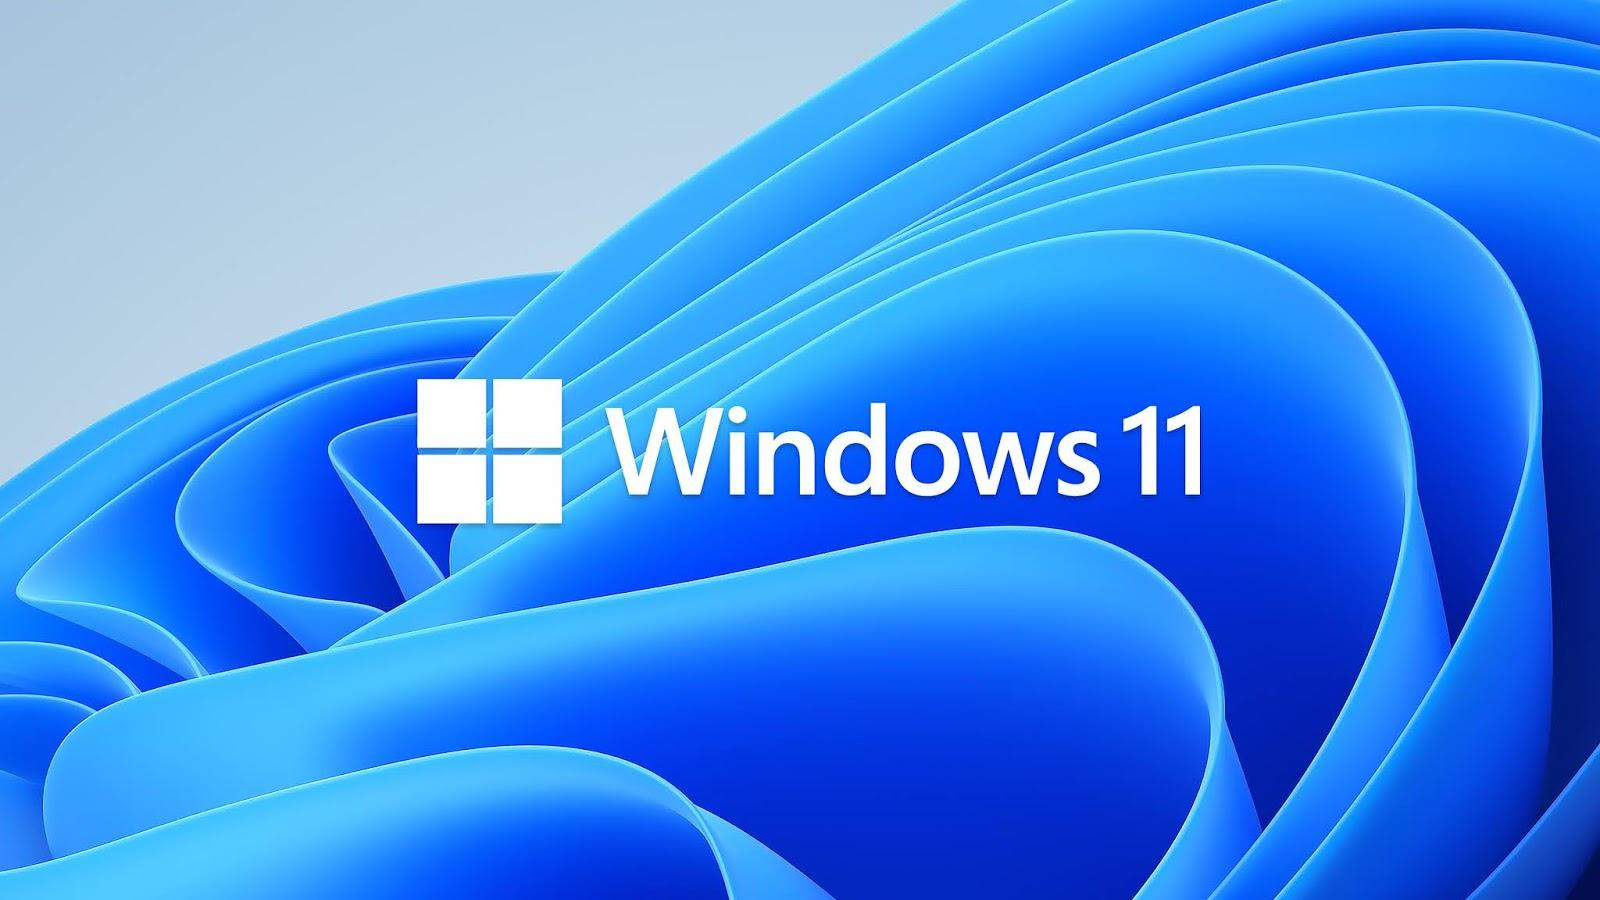 تعرف على مزايا ويندوز 11 الاسم الجديد لويندوز 10x